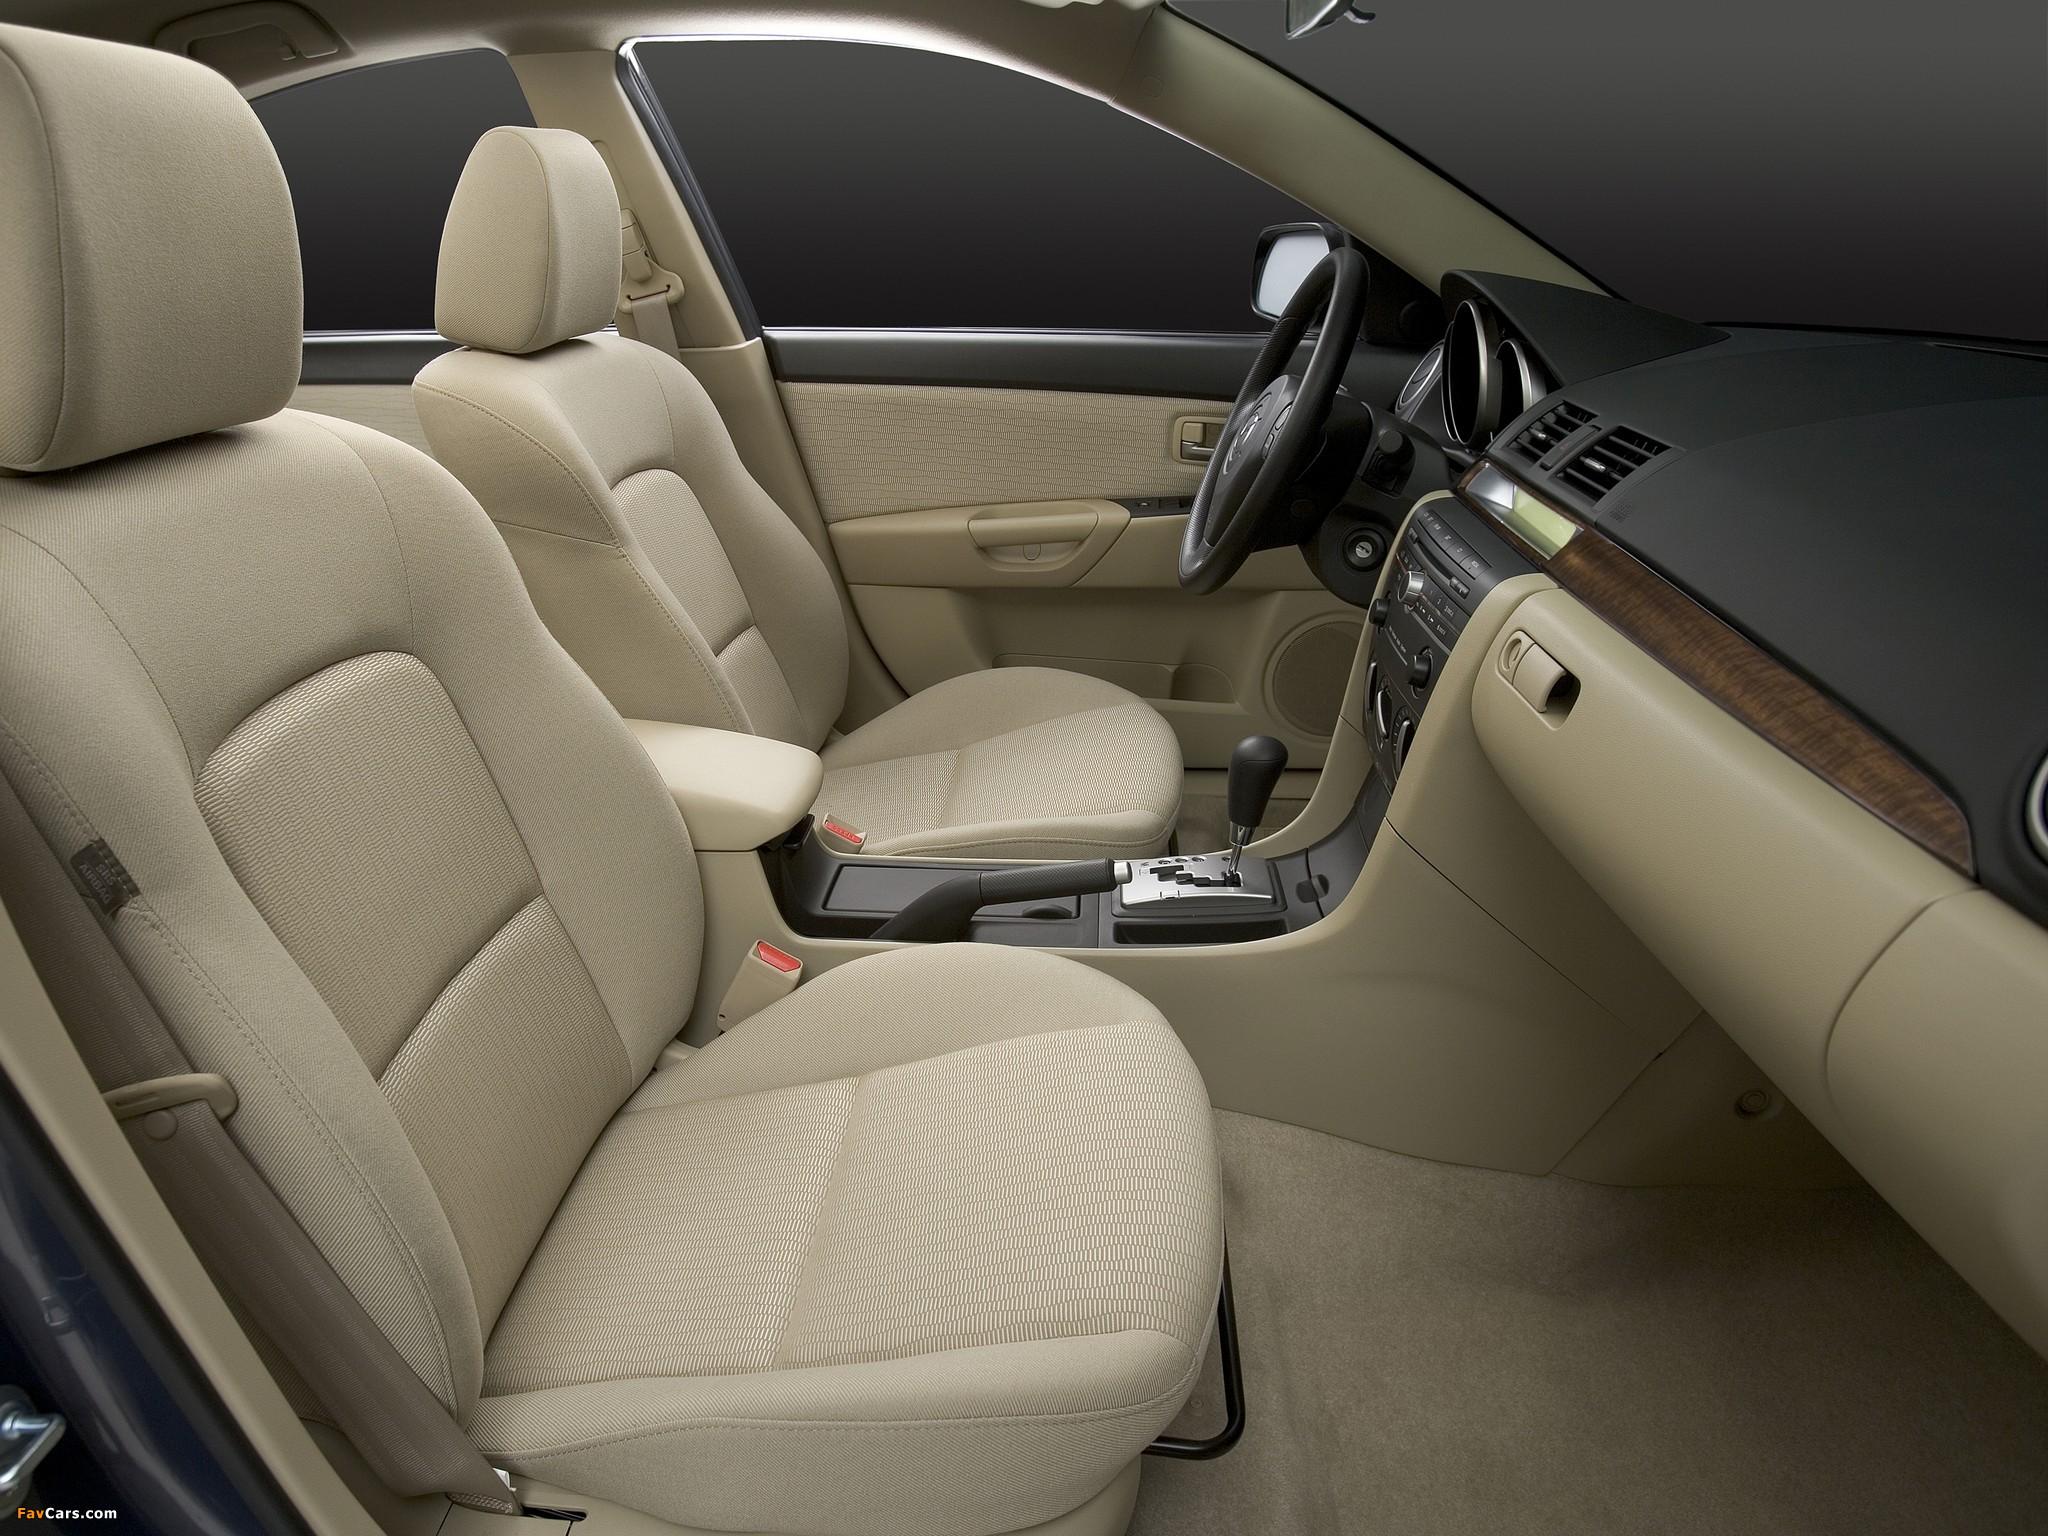 Устранение скрипа сиденья на Mazda 3 (I)